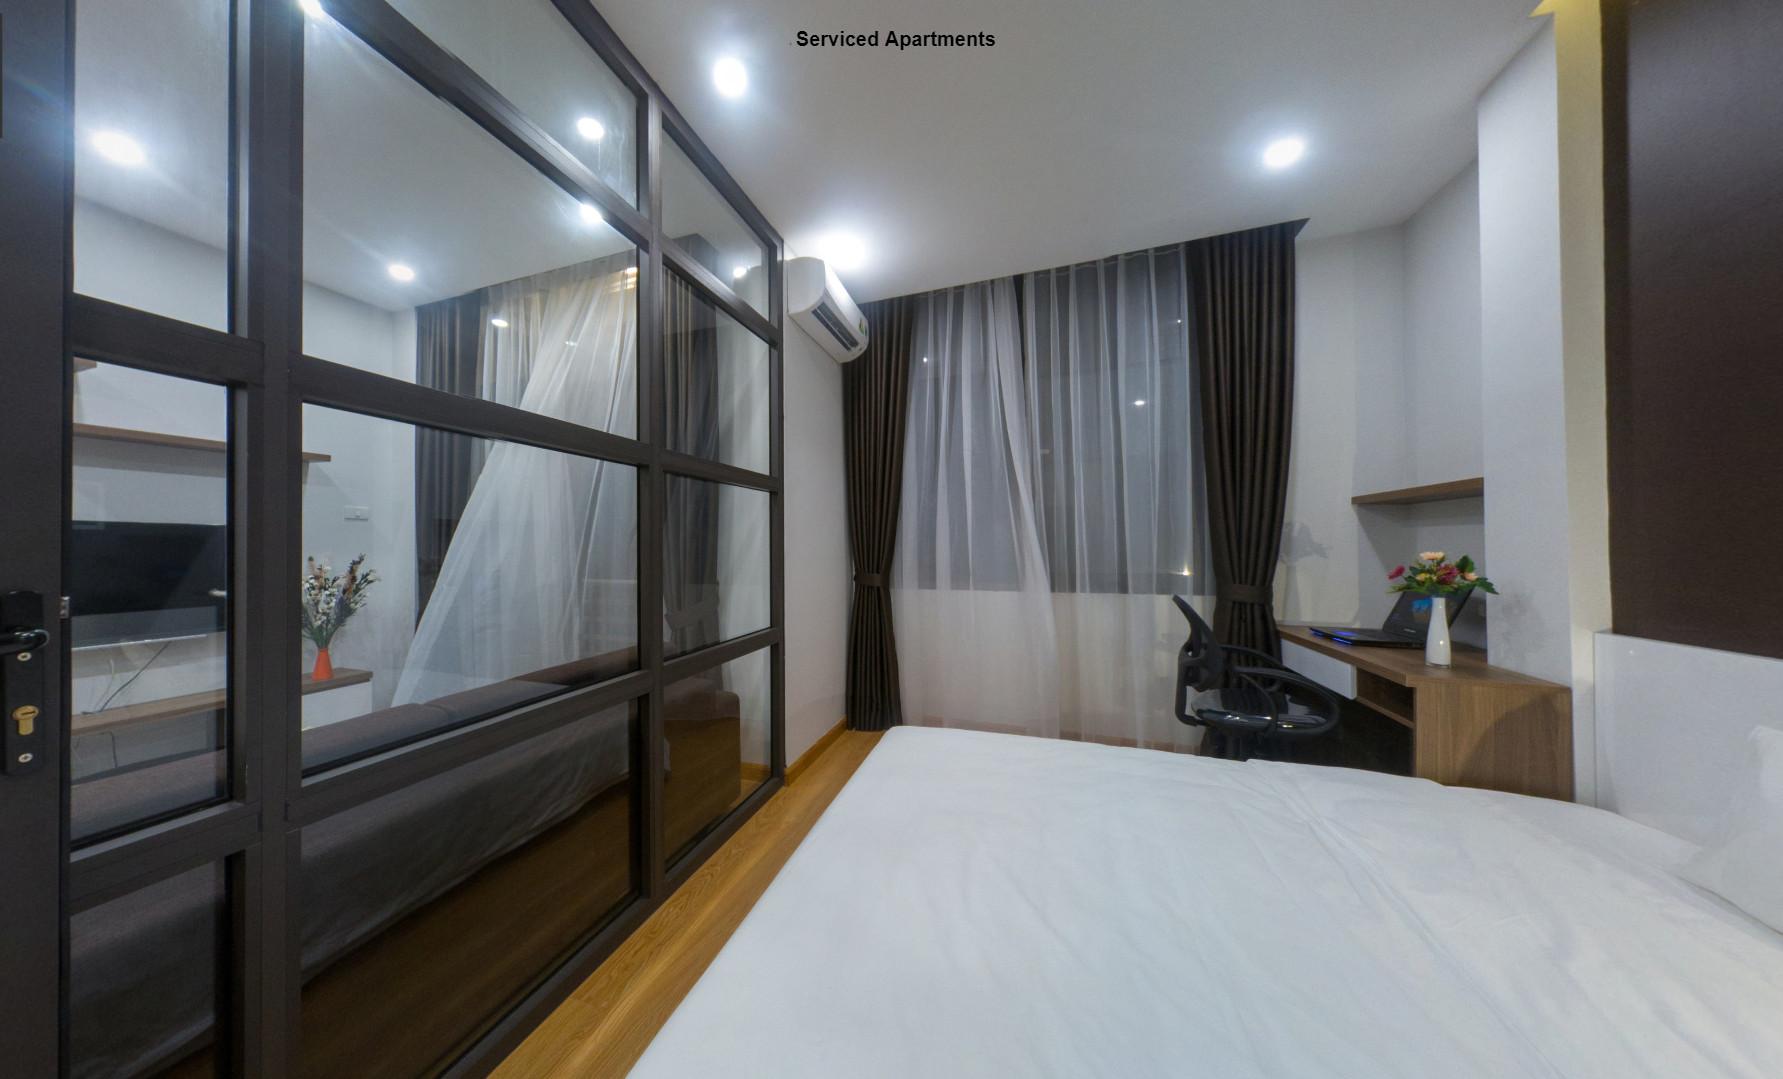 Miễn phí 3 tháng tiền điện, cho thuê CHDV mới đẹp ở gần IPH Thiên đường dành cho khách độc thân tại - Ảnh 1